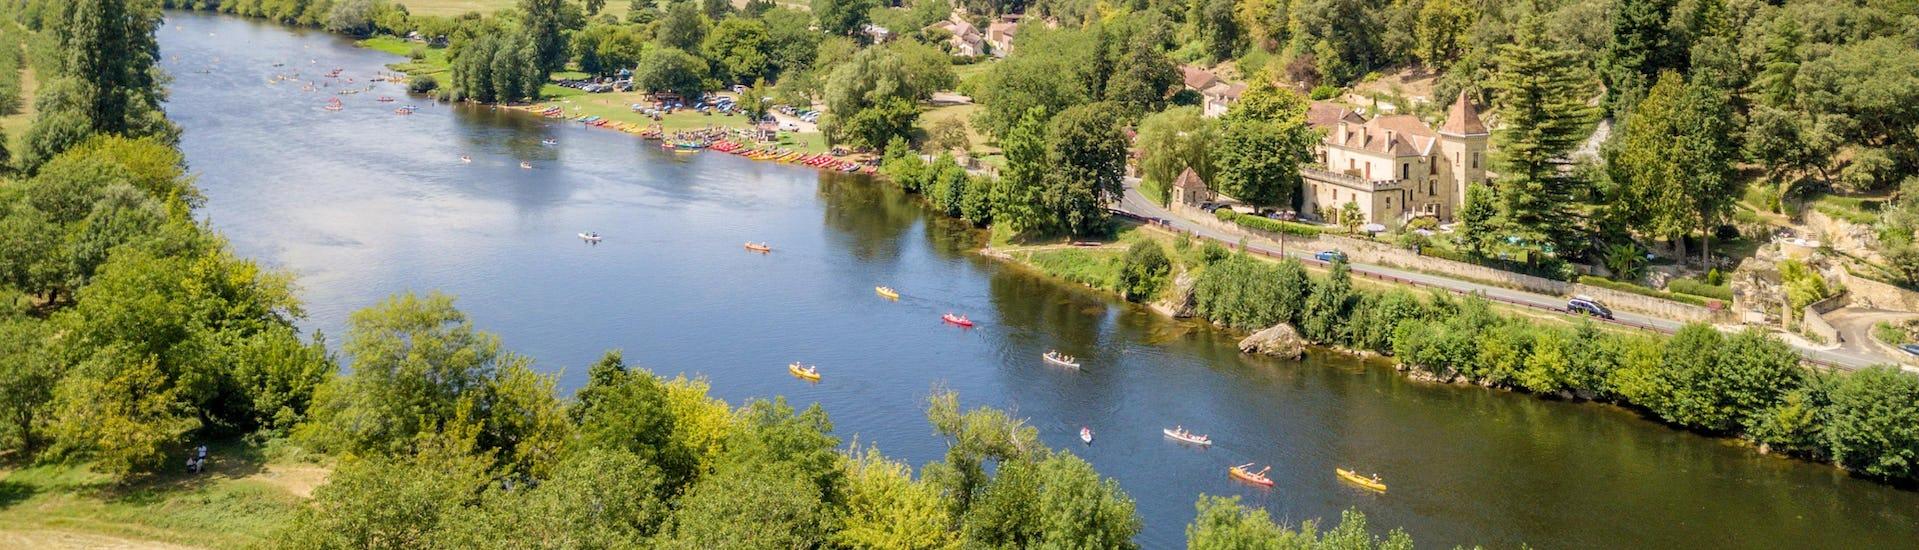 Vue aérienne de la Dordogne au cœur du Périgord, l'une des plus belles régions de France pour faire une sortie en canoë.